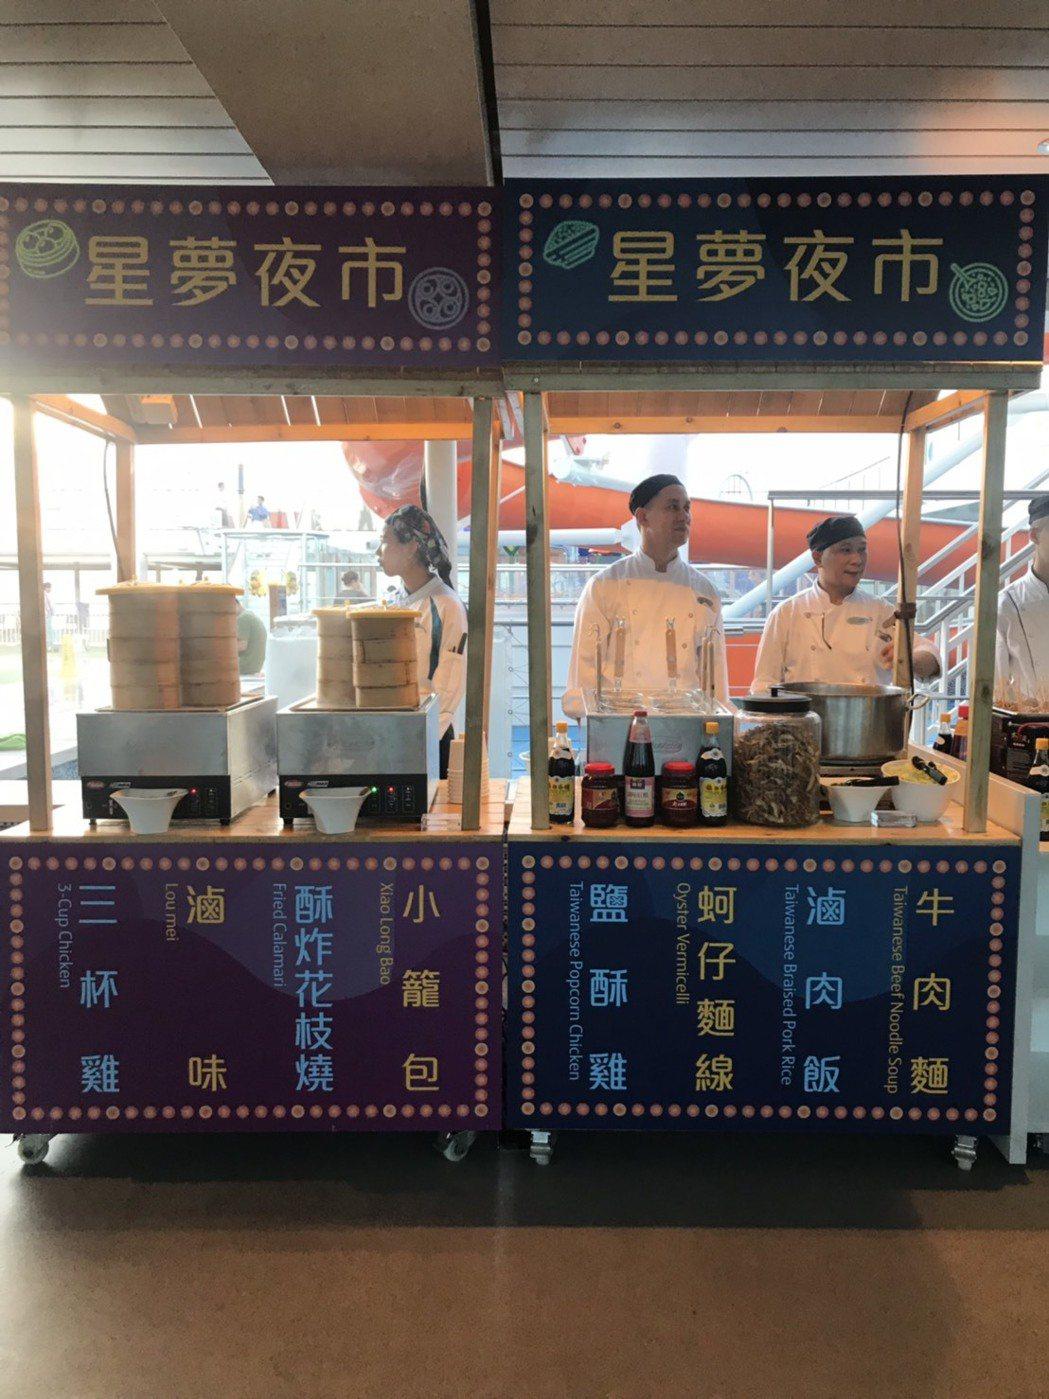 雄獅在世界夢號上規劃具有濃厚台灣味的「海上星光夜市」。(攝影/嚴雅芳)